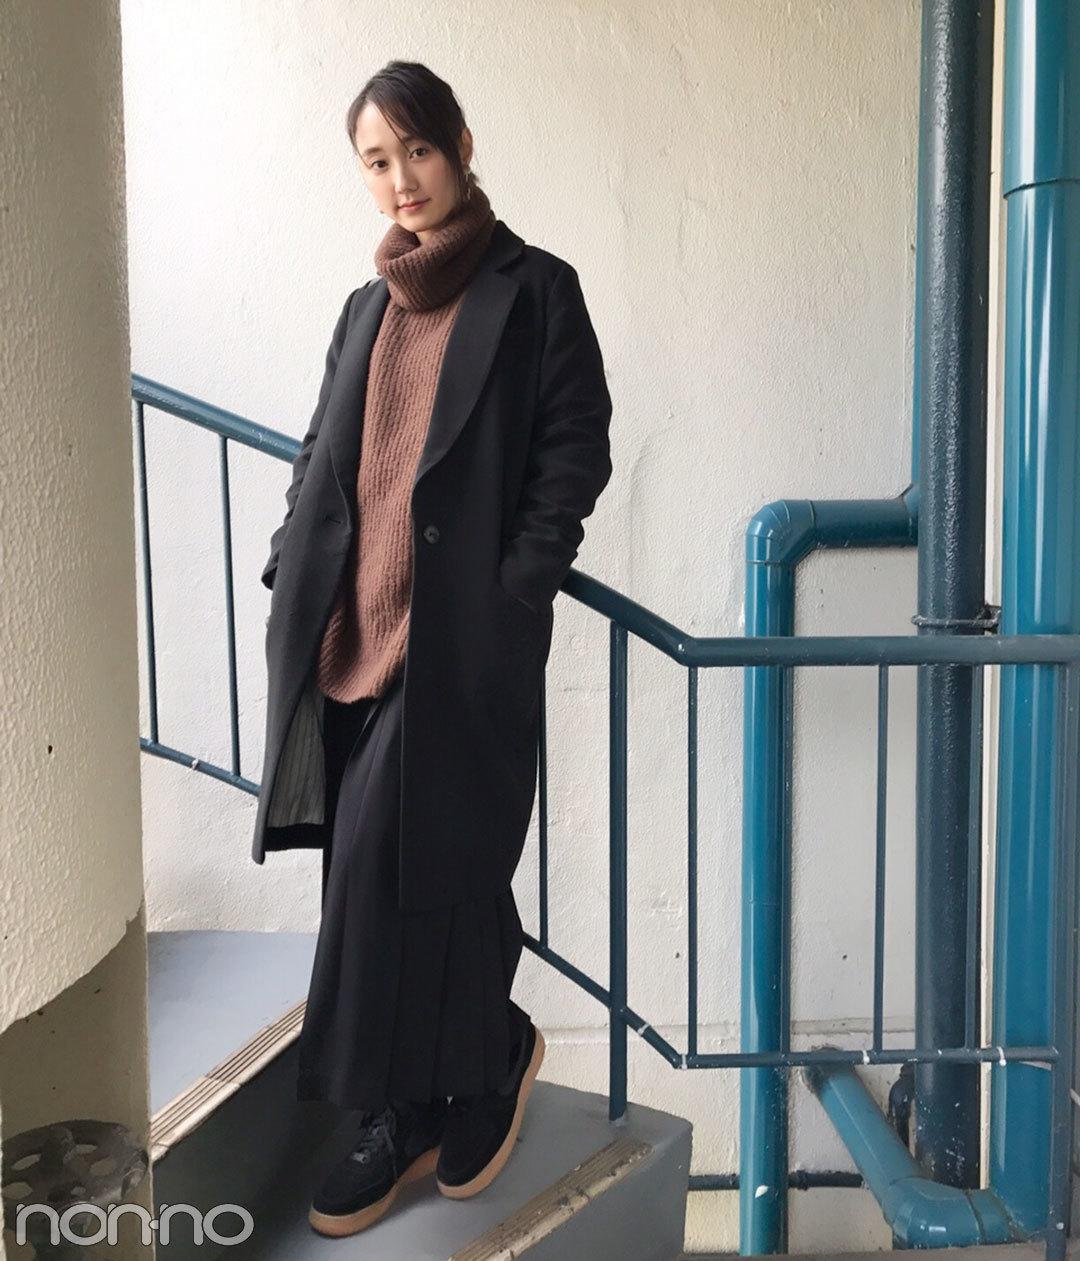 鈴木友菜、冬はDHOLICのプリーツスカートコーデが気分!【モデルの私服】_1_1